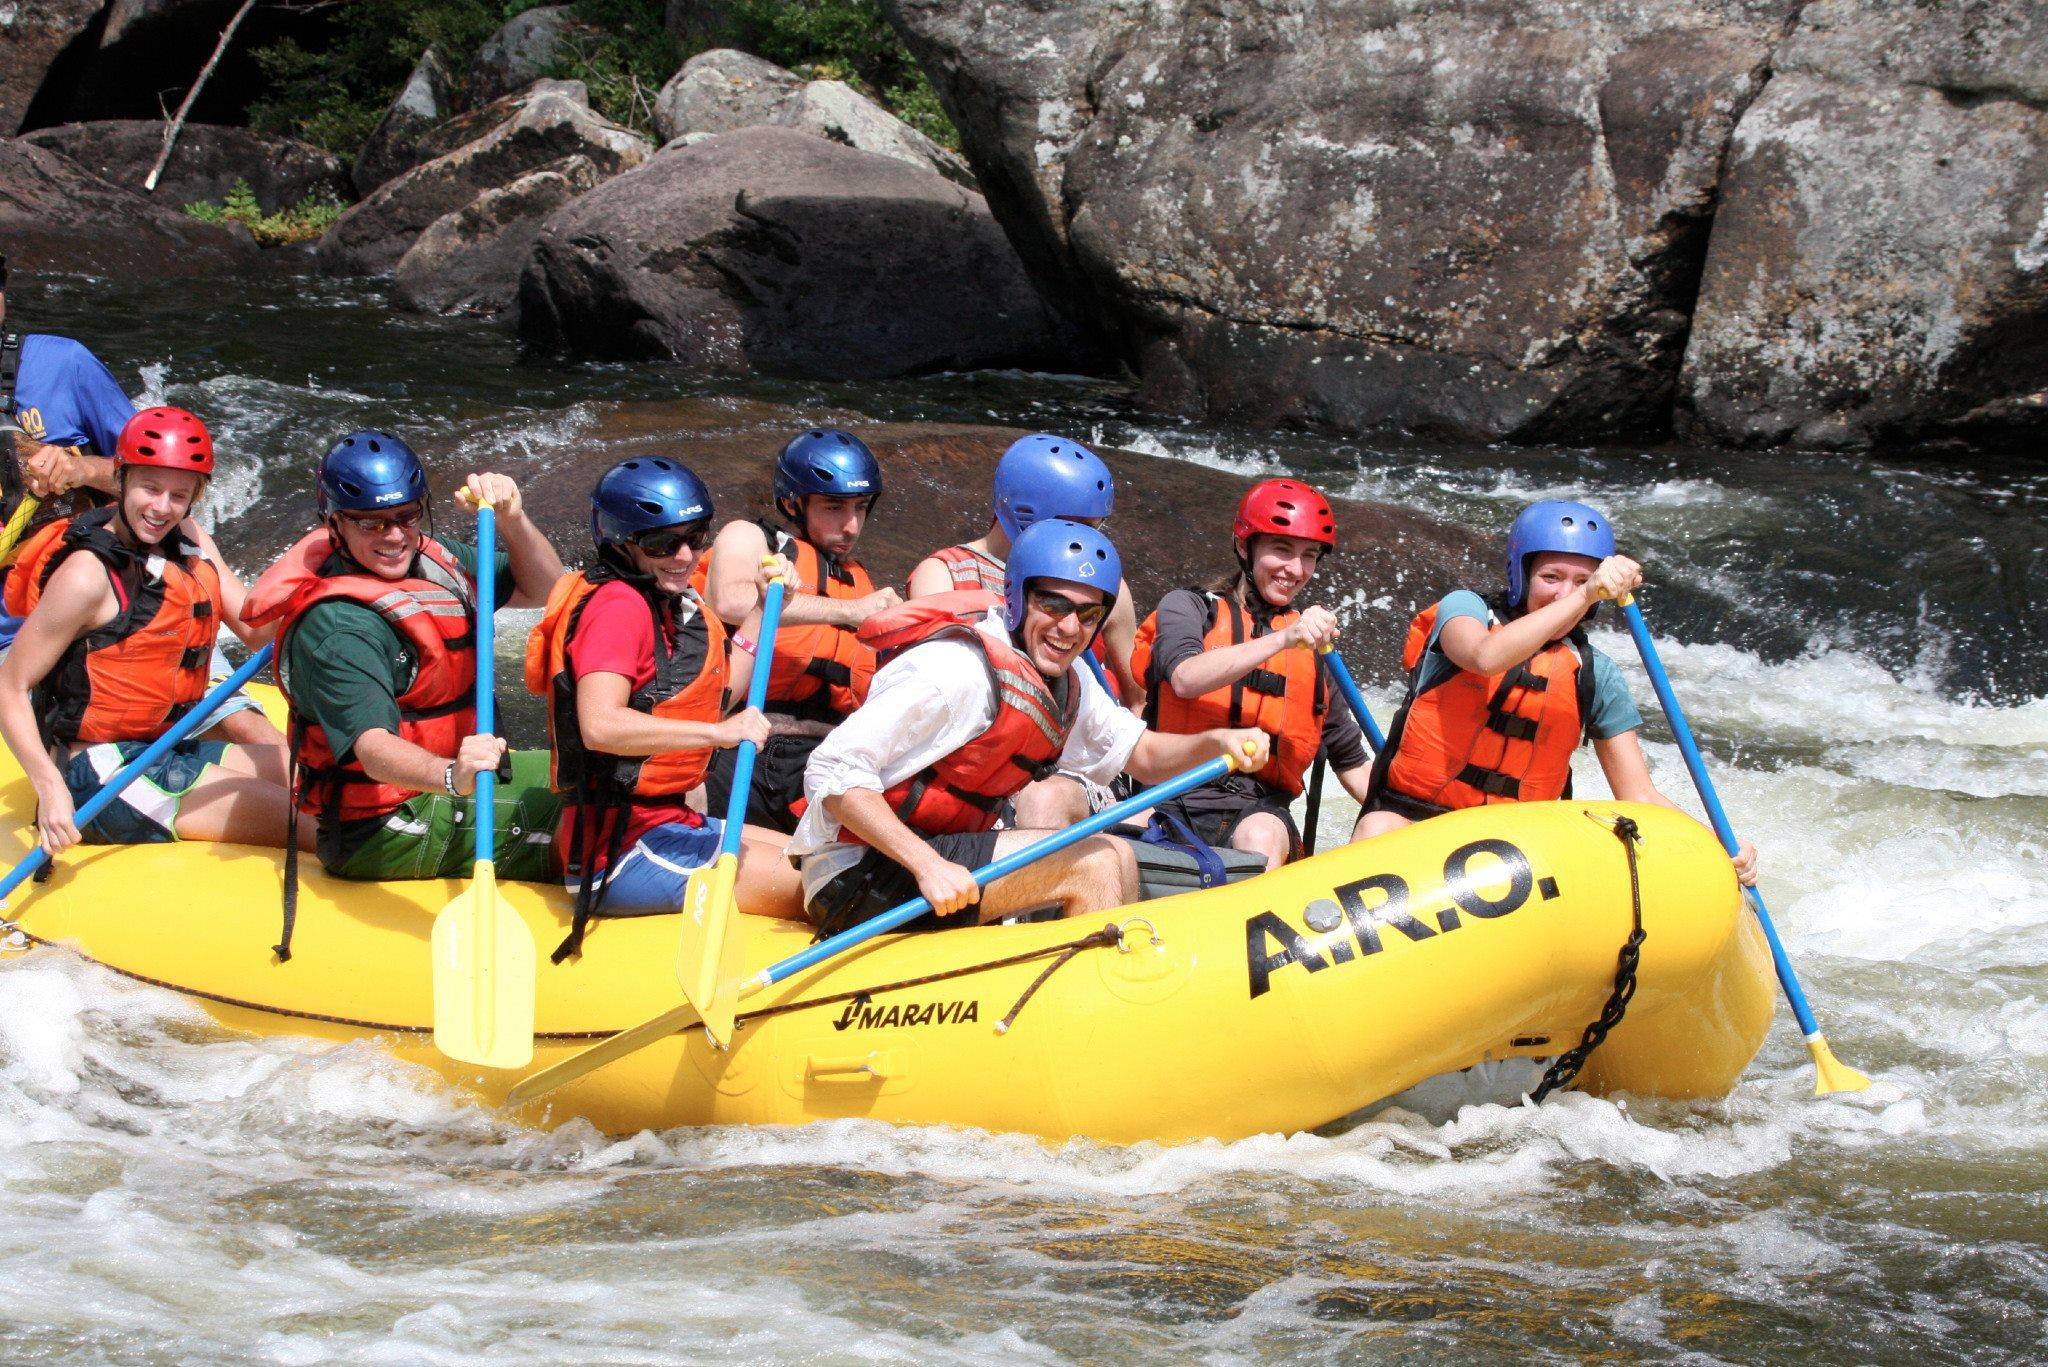 Adirondack White Water Rafting